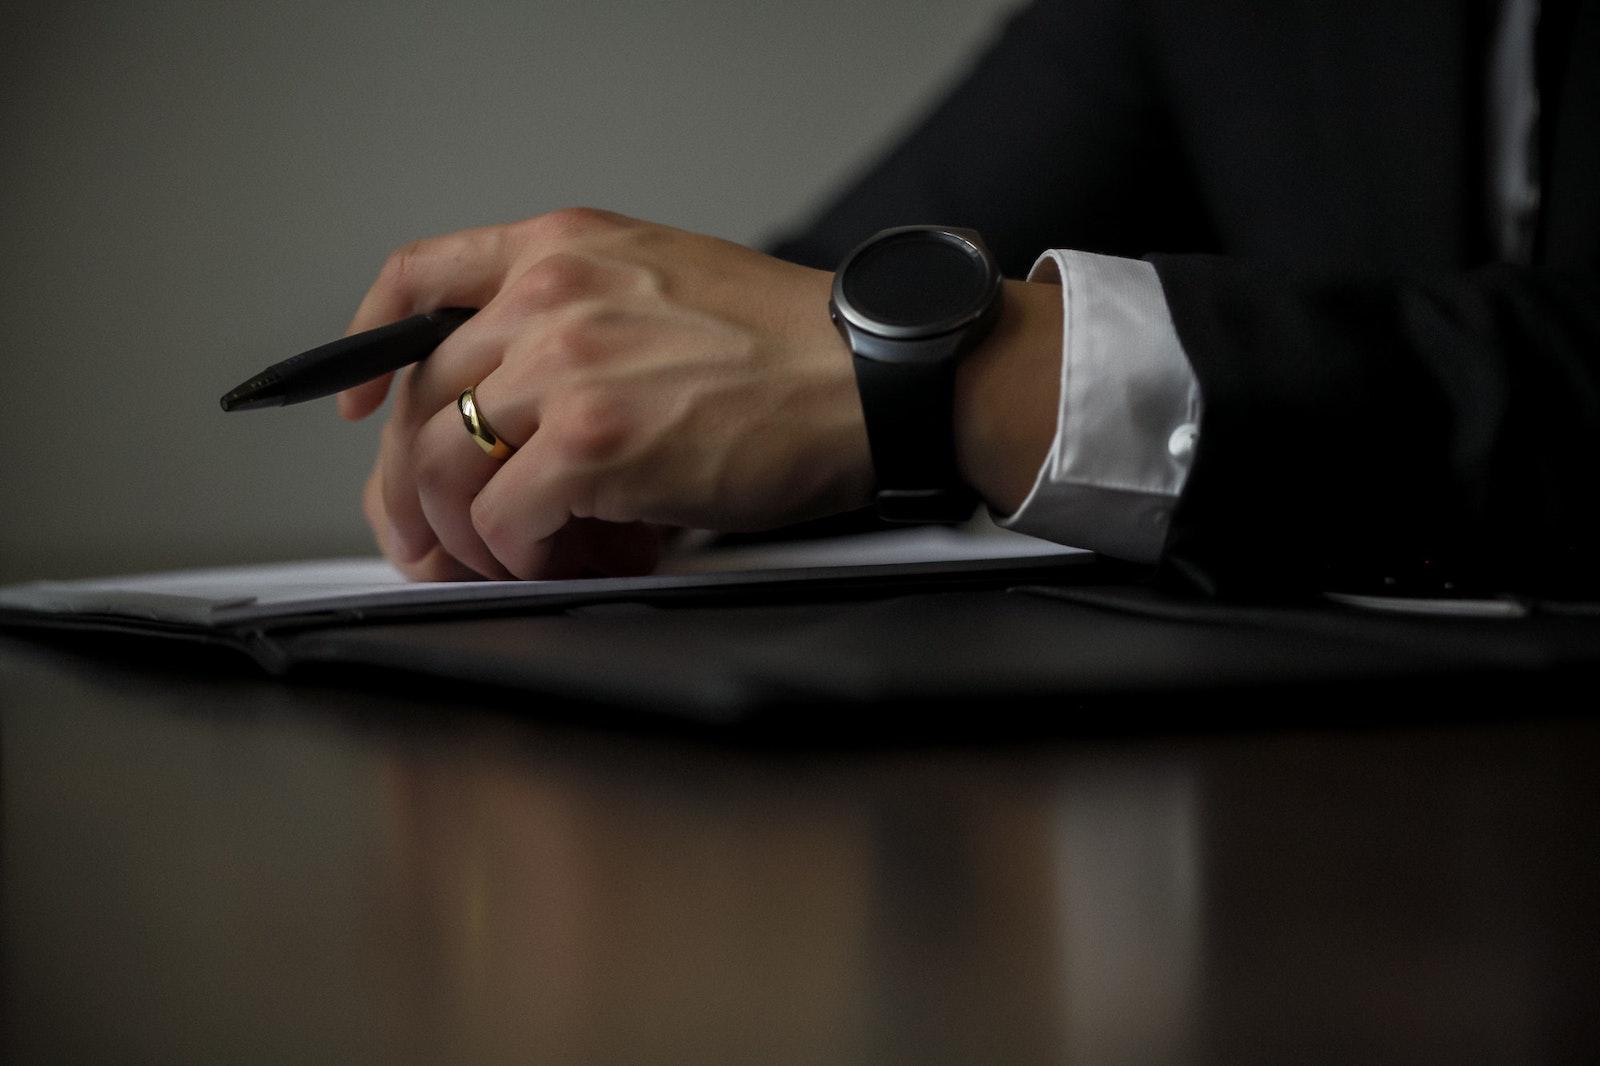 Profesionales con experiencia en Derecho Societario se encargan del asesoramiento a particulares y resuelven cuestiones de Derecho Mercantil y Civil.